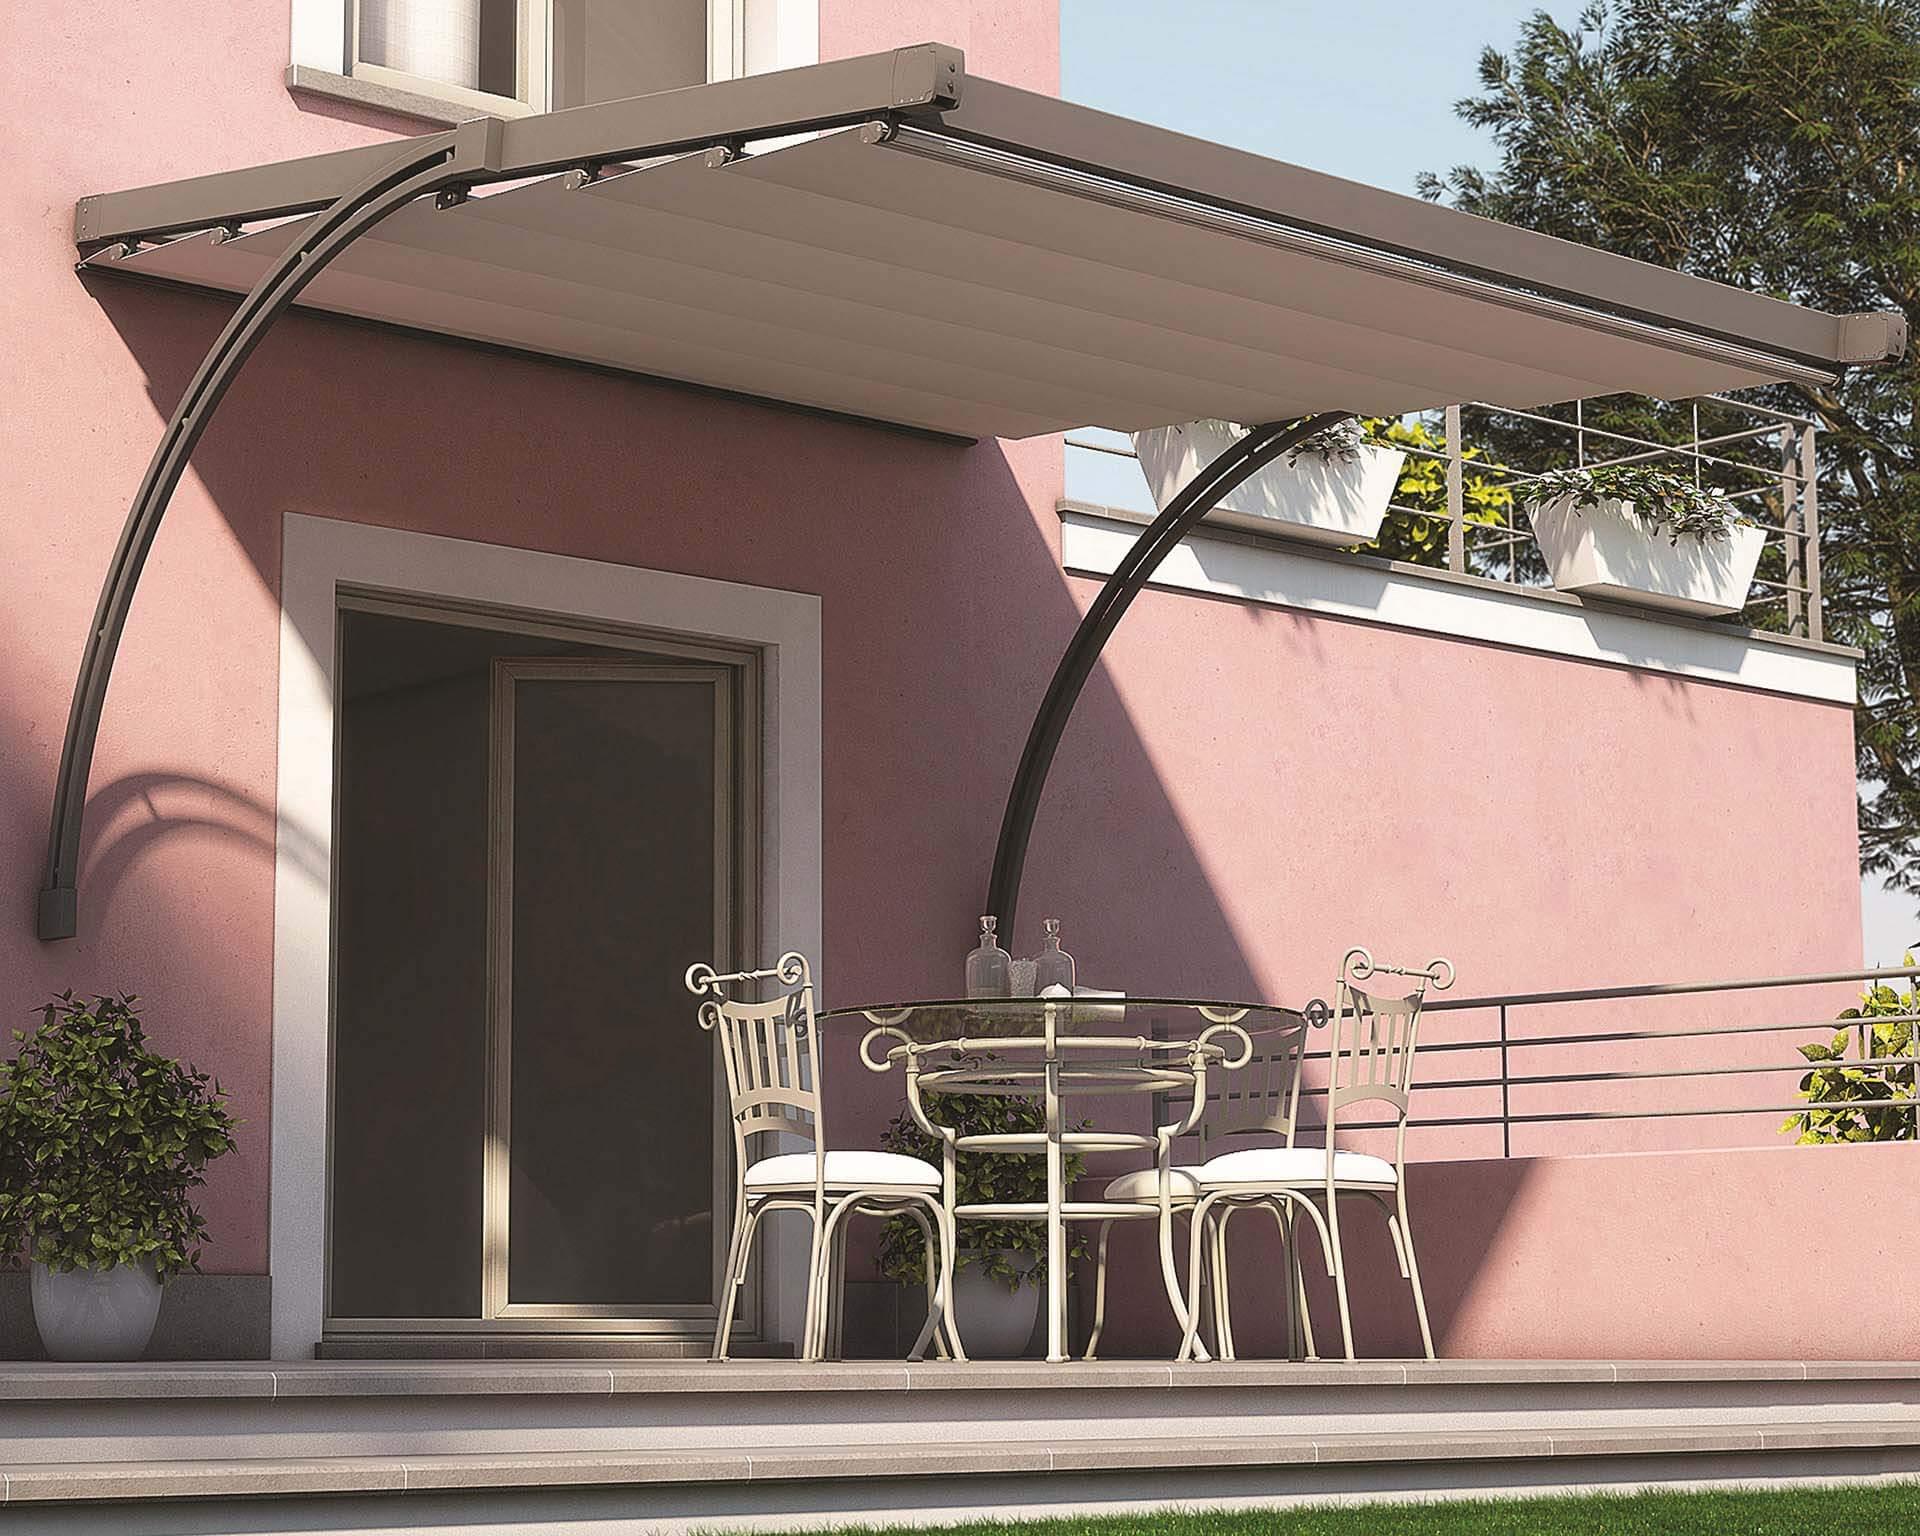 Esterni arredi pergole gazebi cremona brescia piacenza lodi strutture mobili - Strutture in alluminio per esterno ...